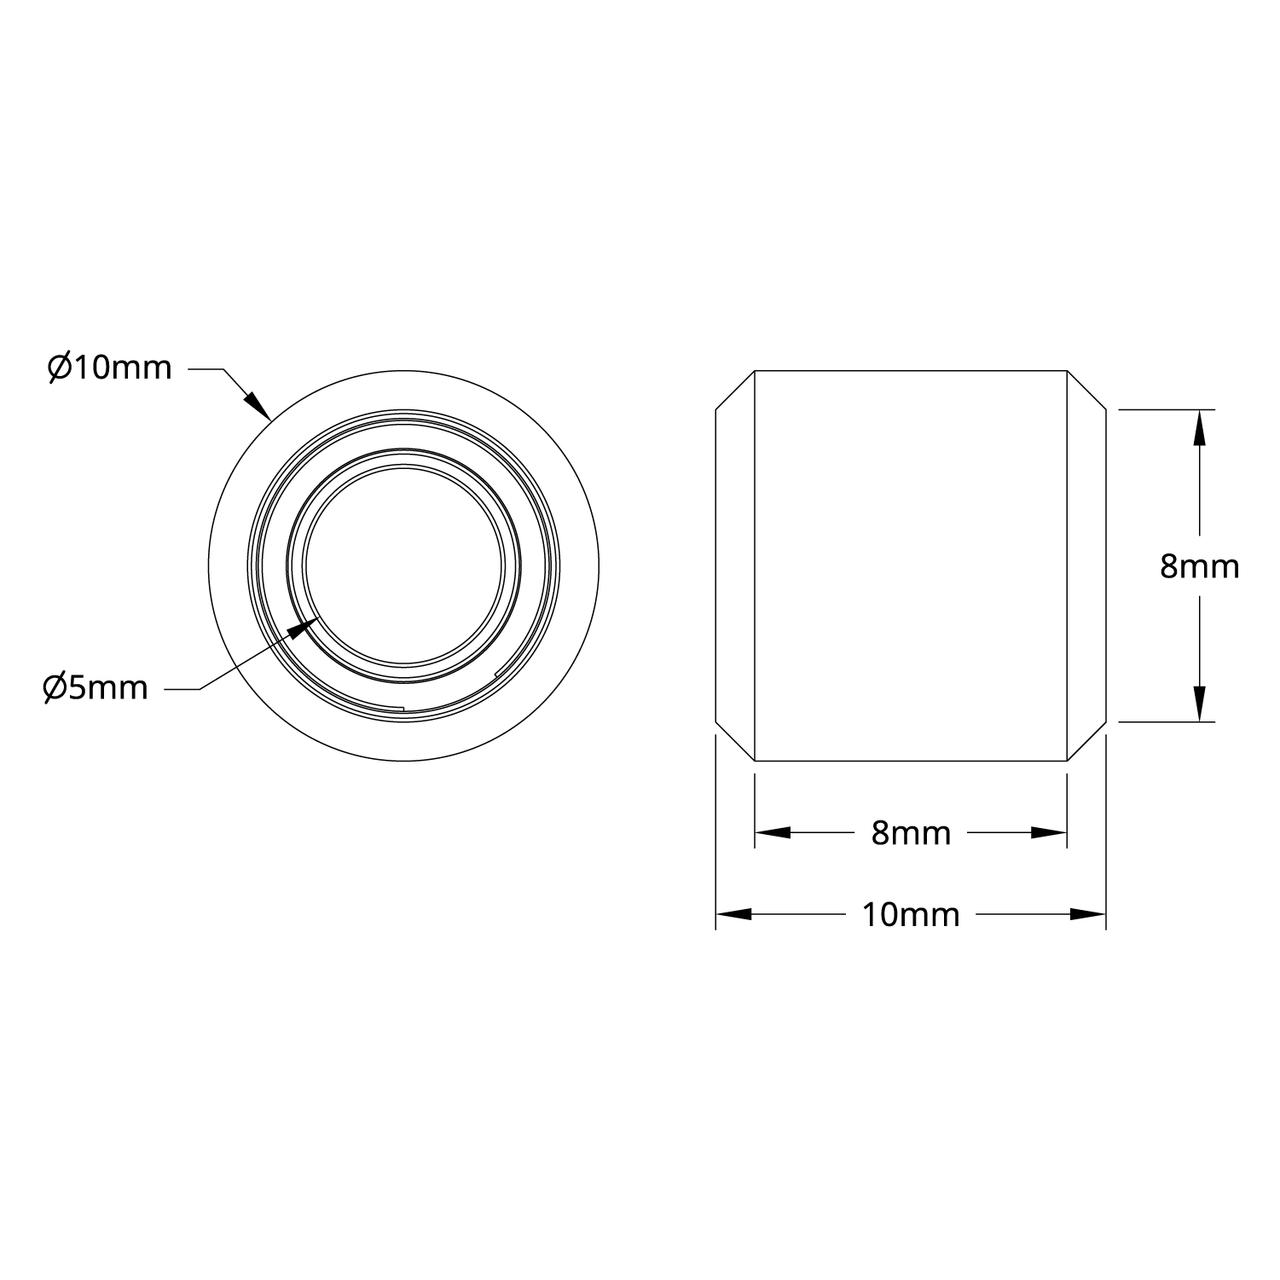 medium resolution of  10mm 3600 0005 1010 schematic